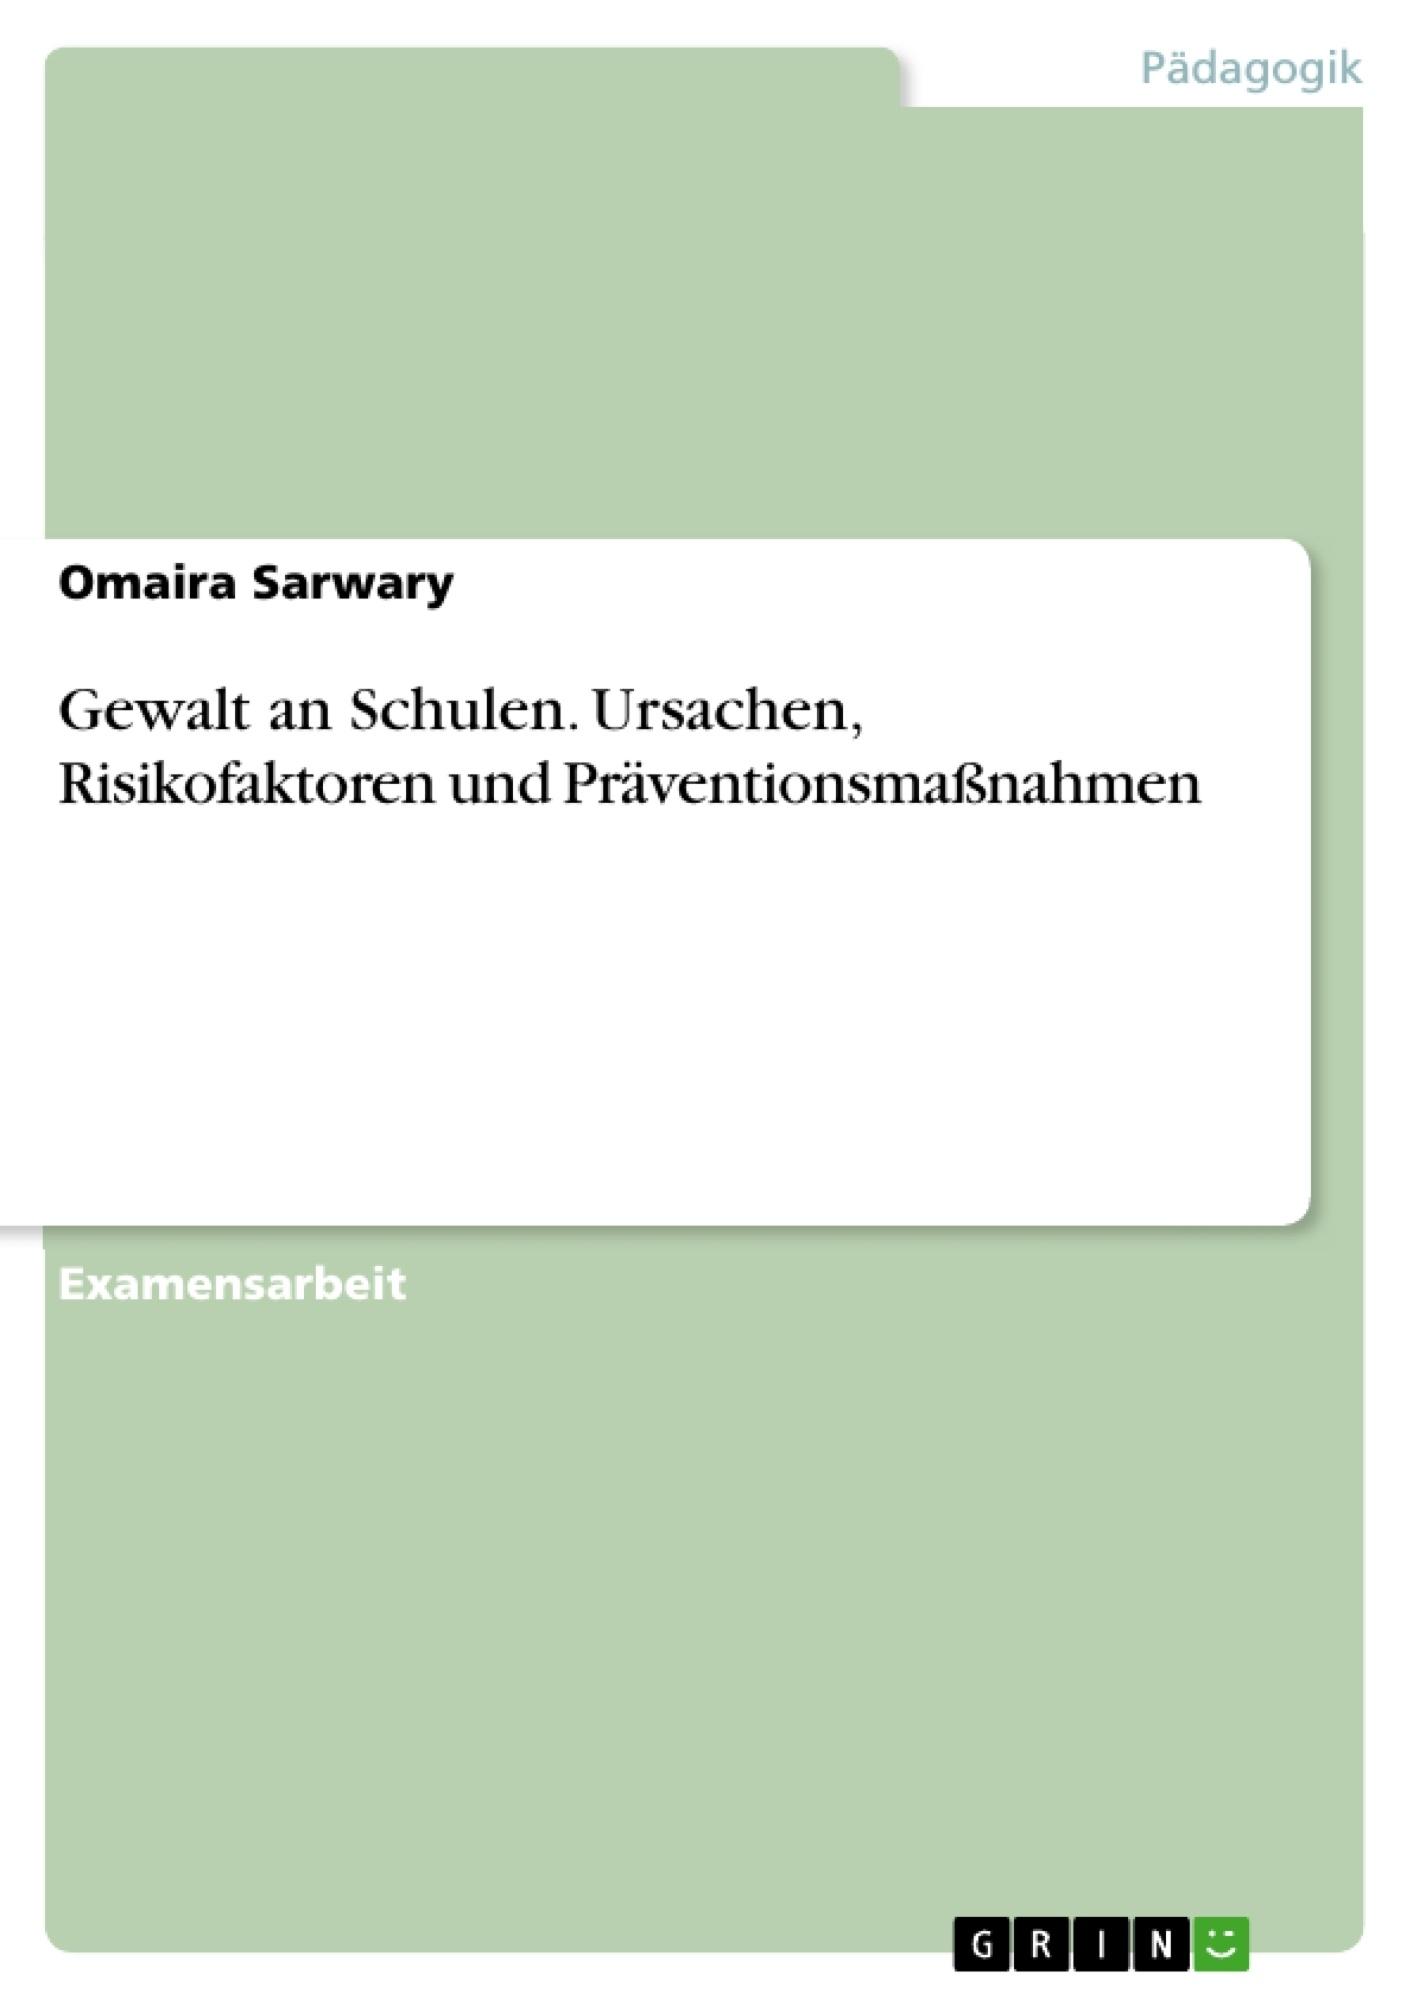 Titel: Gewalt an Schulen. Ursachen, Risikofaktoren und Präventionsmaßnahmen